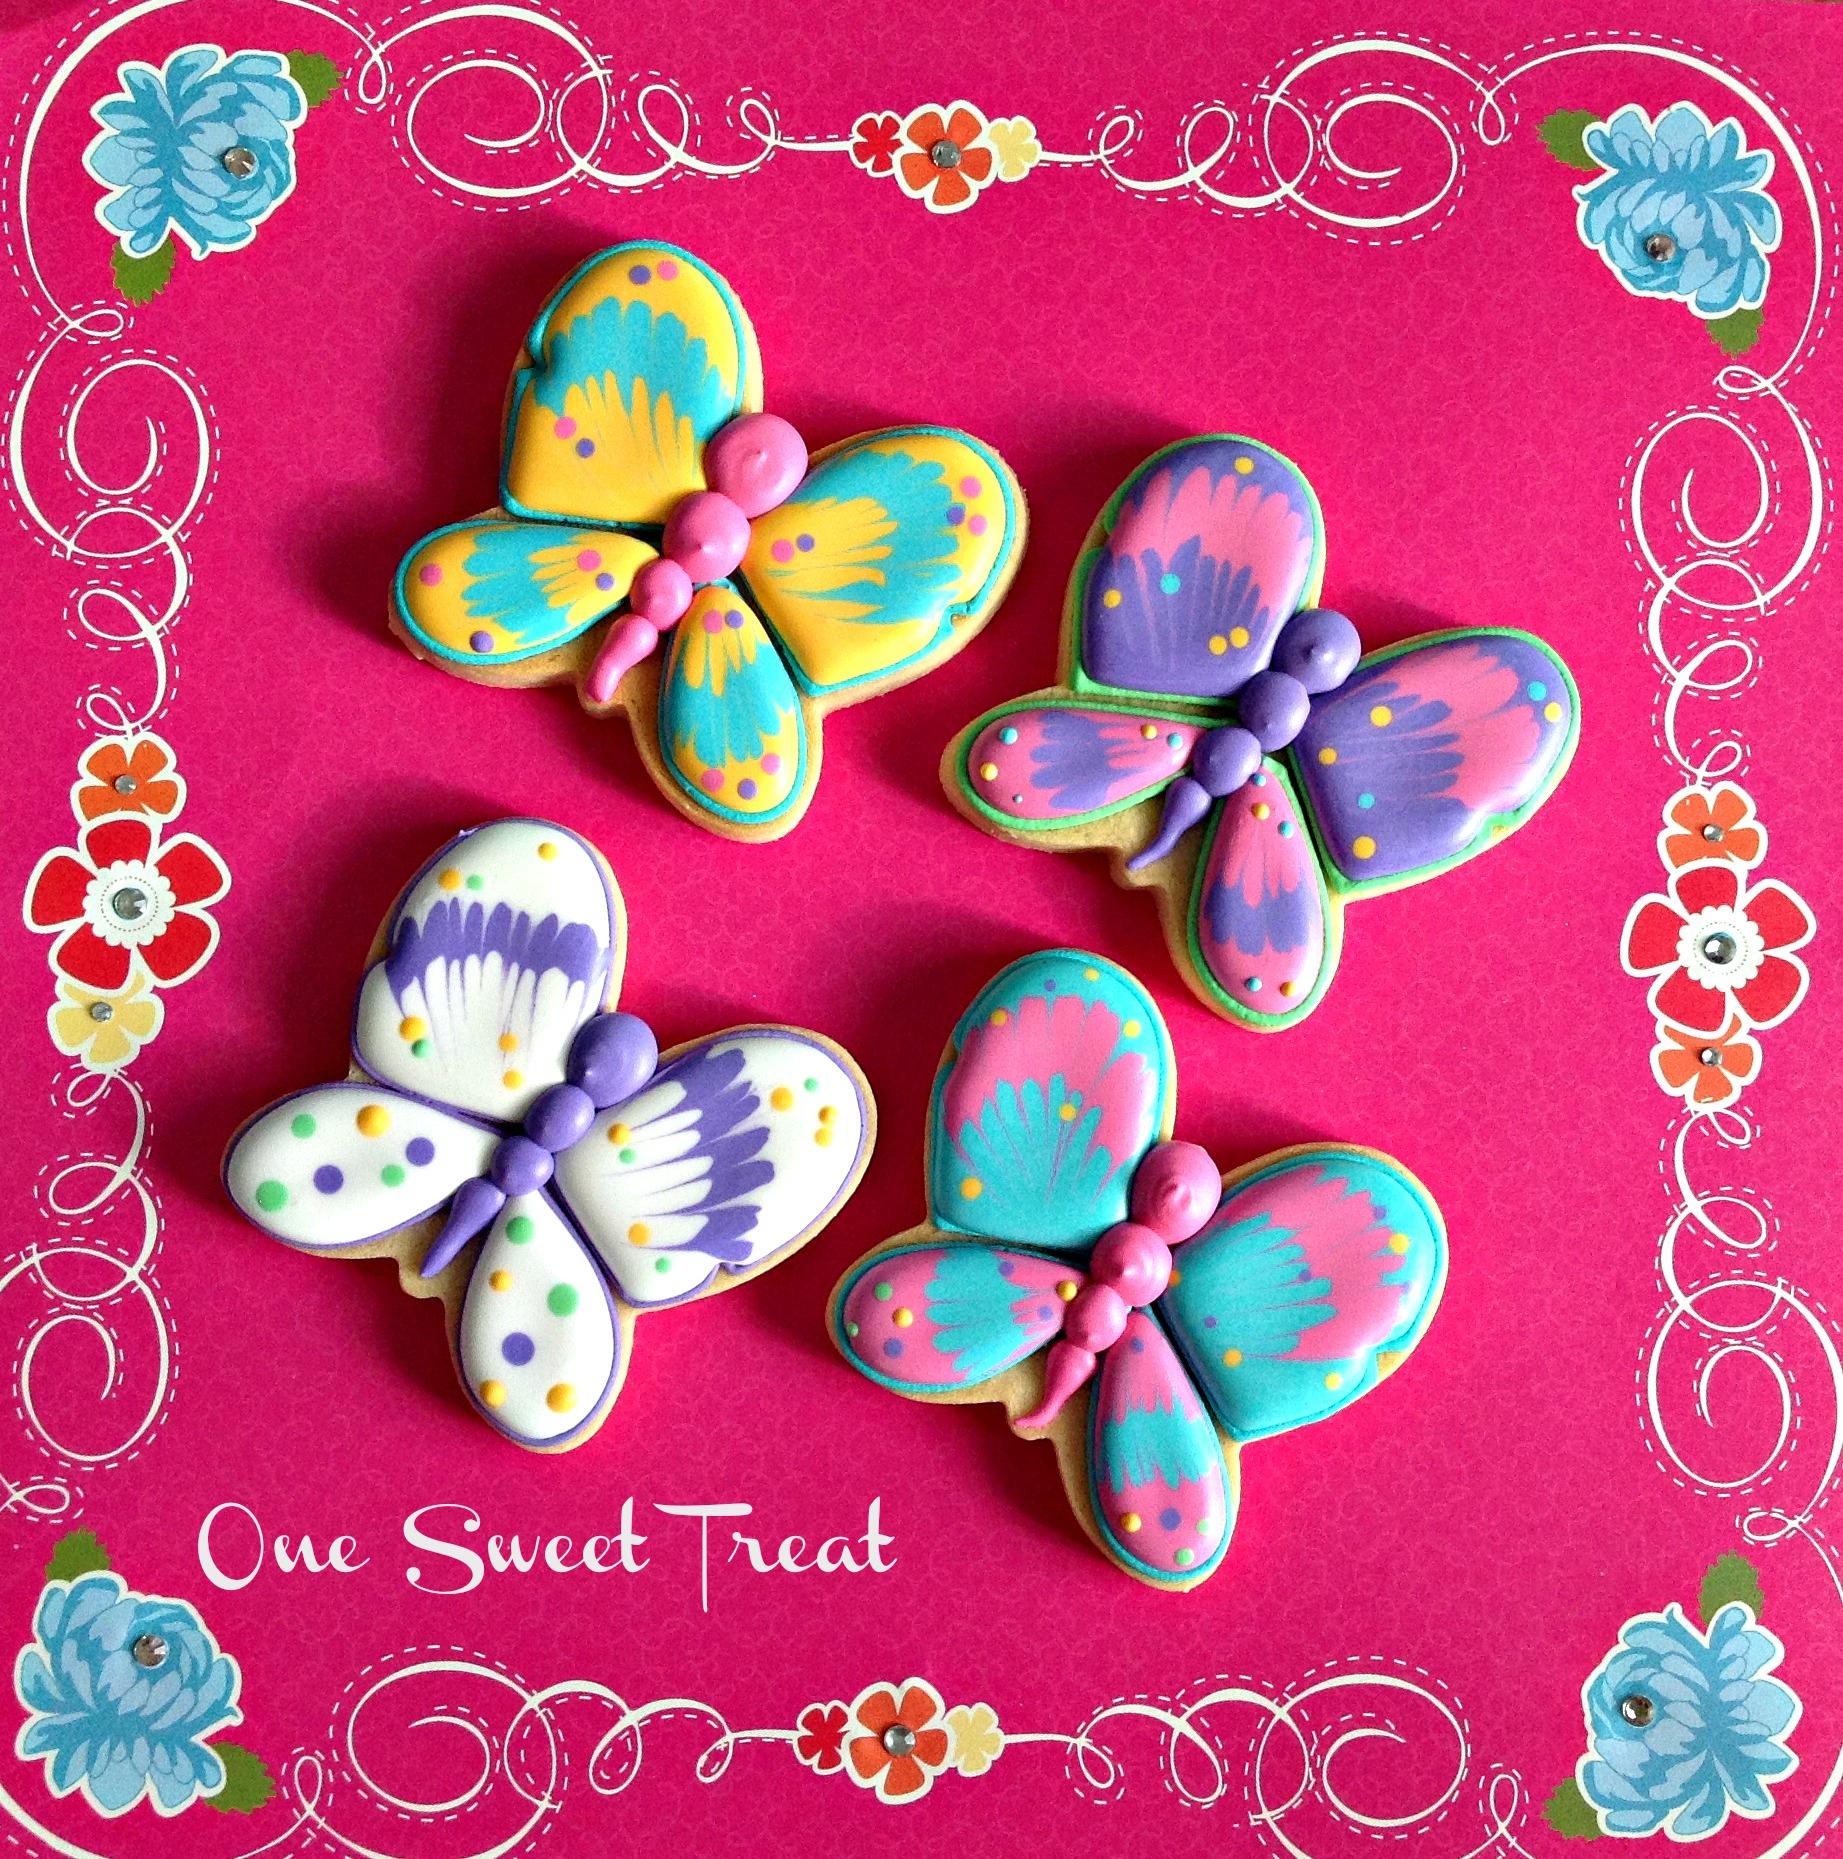 mariposas-img_5008